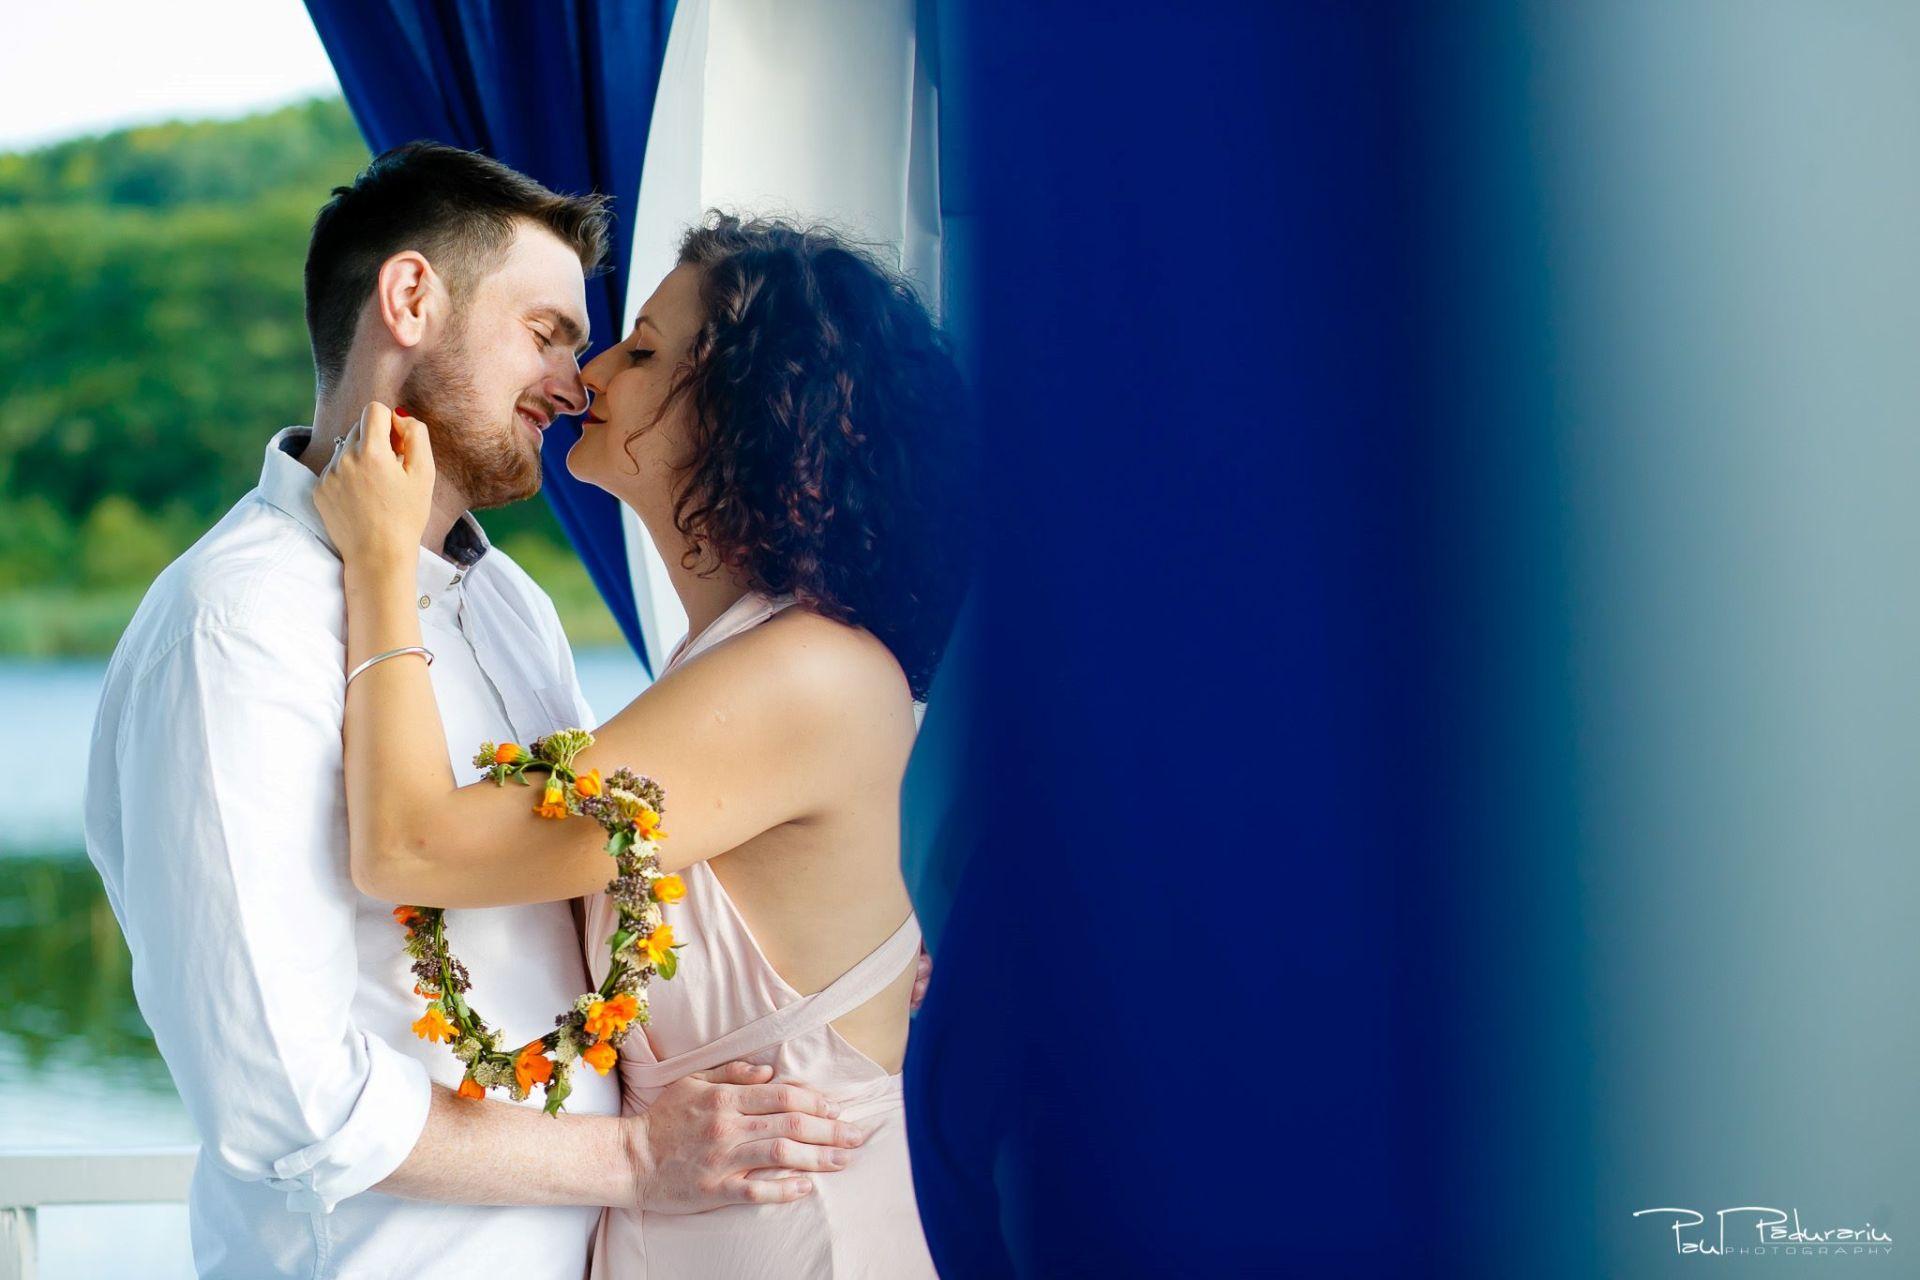 Mircea si Adina - shooting outdoor fotografie logodna | paul padurariu fotograf iasi 2019 10